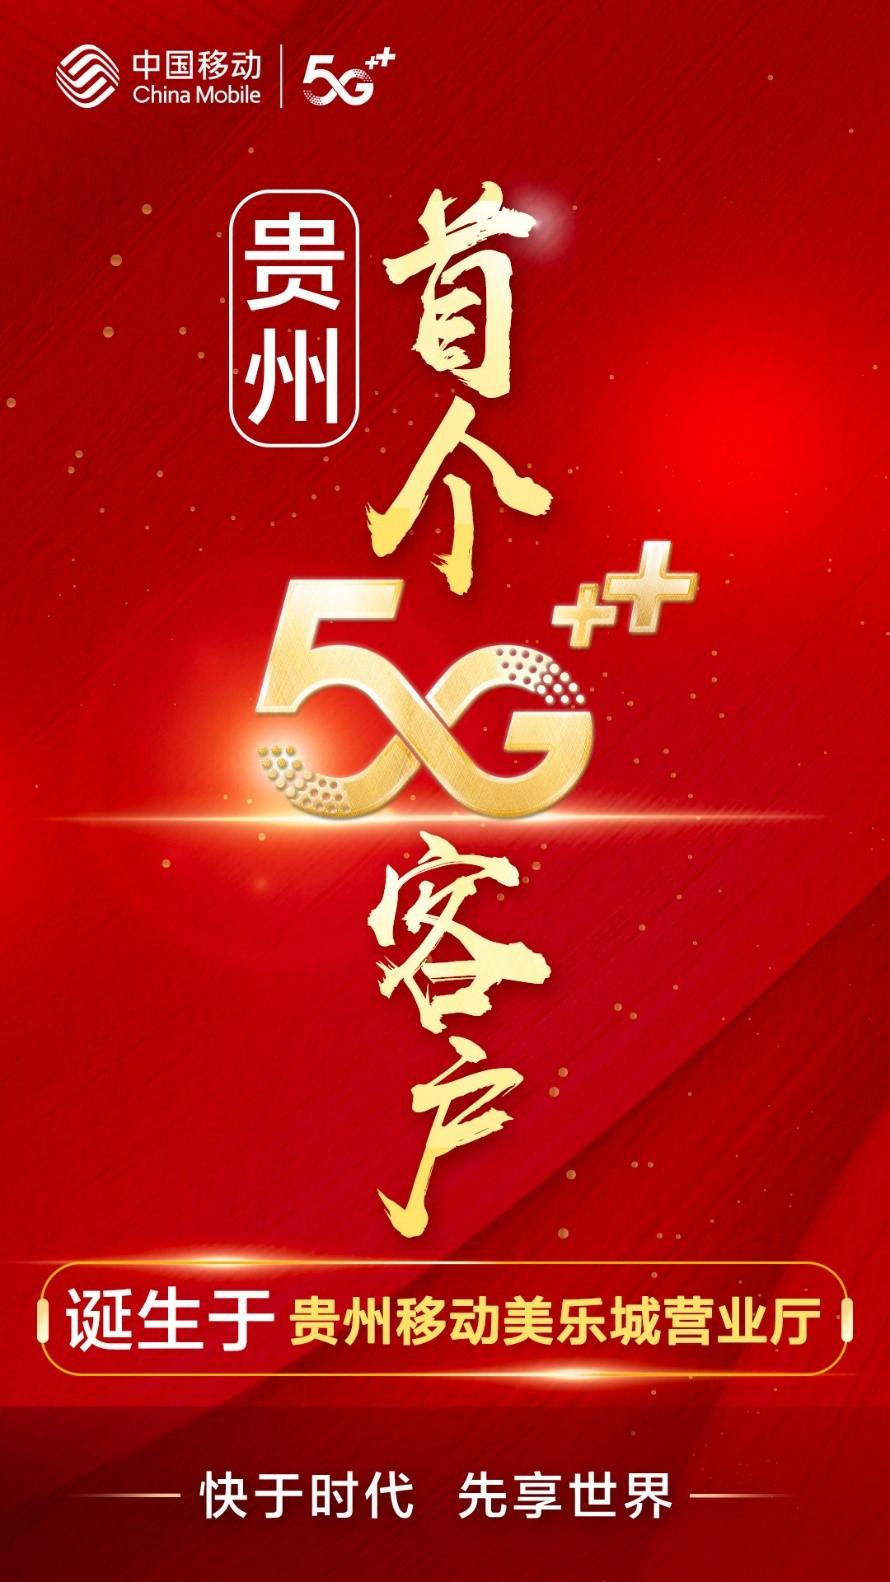 贵州移动全面开放5G业务诞生首位5G客户办理即送100G流量